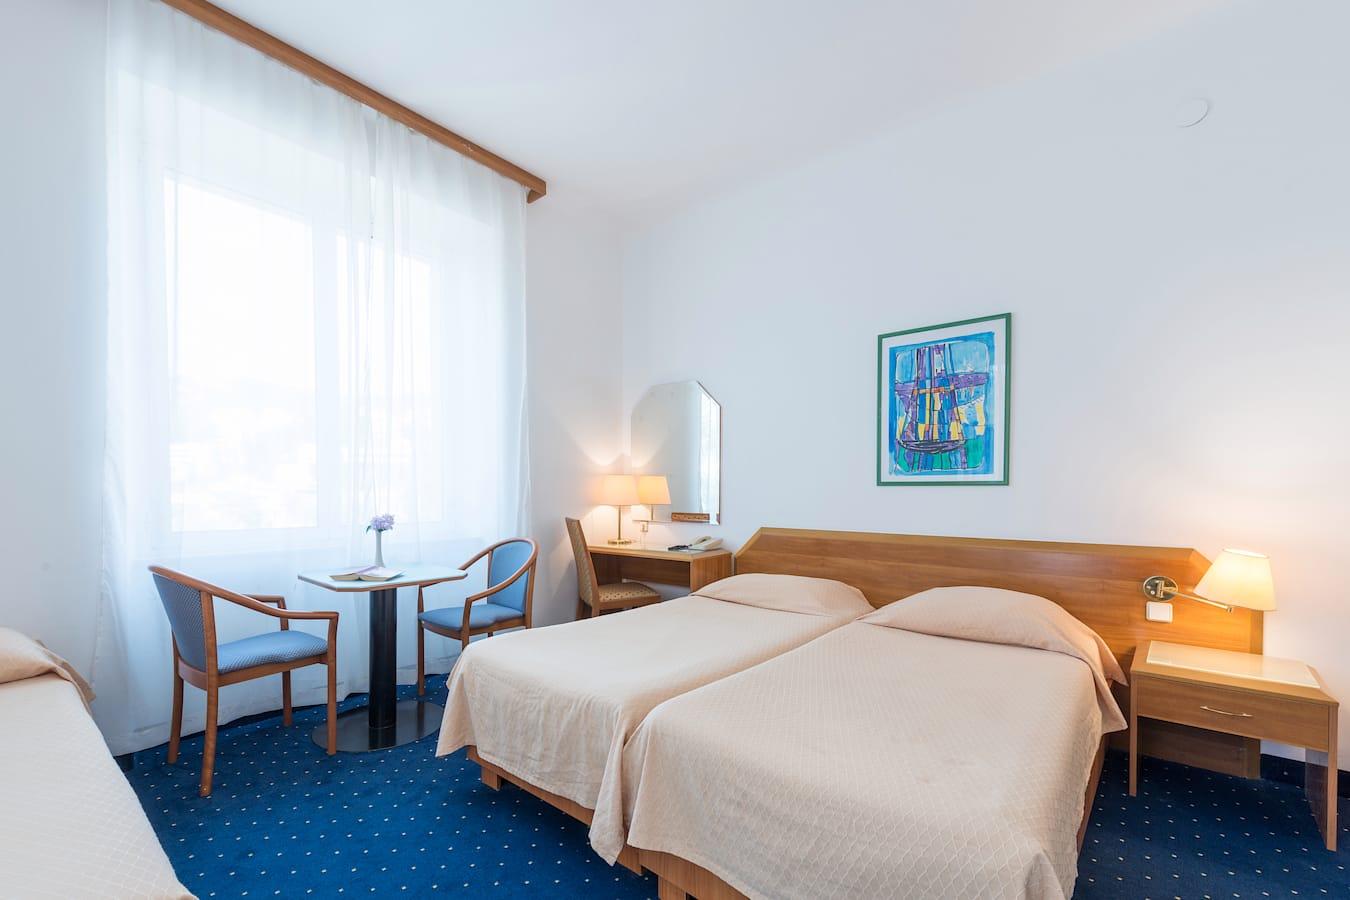 komodor-hotel-tripple-room.jpg